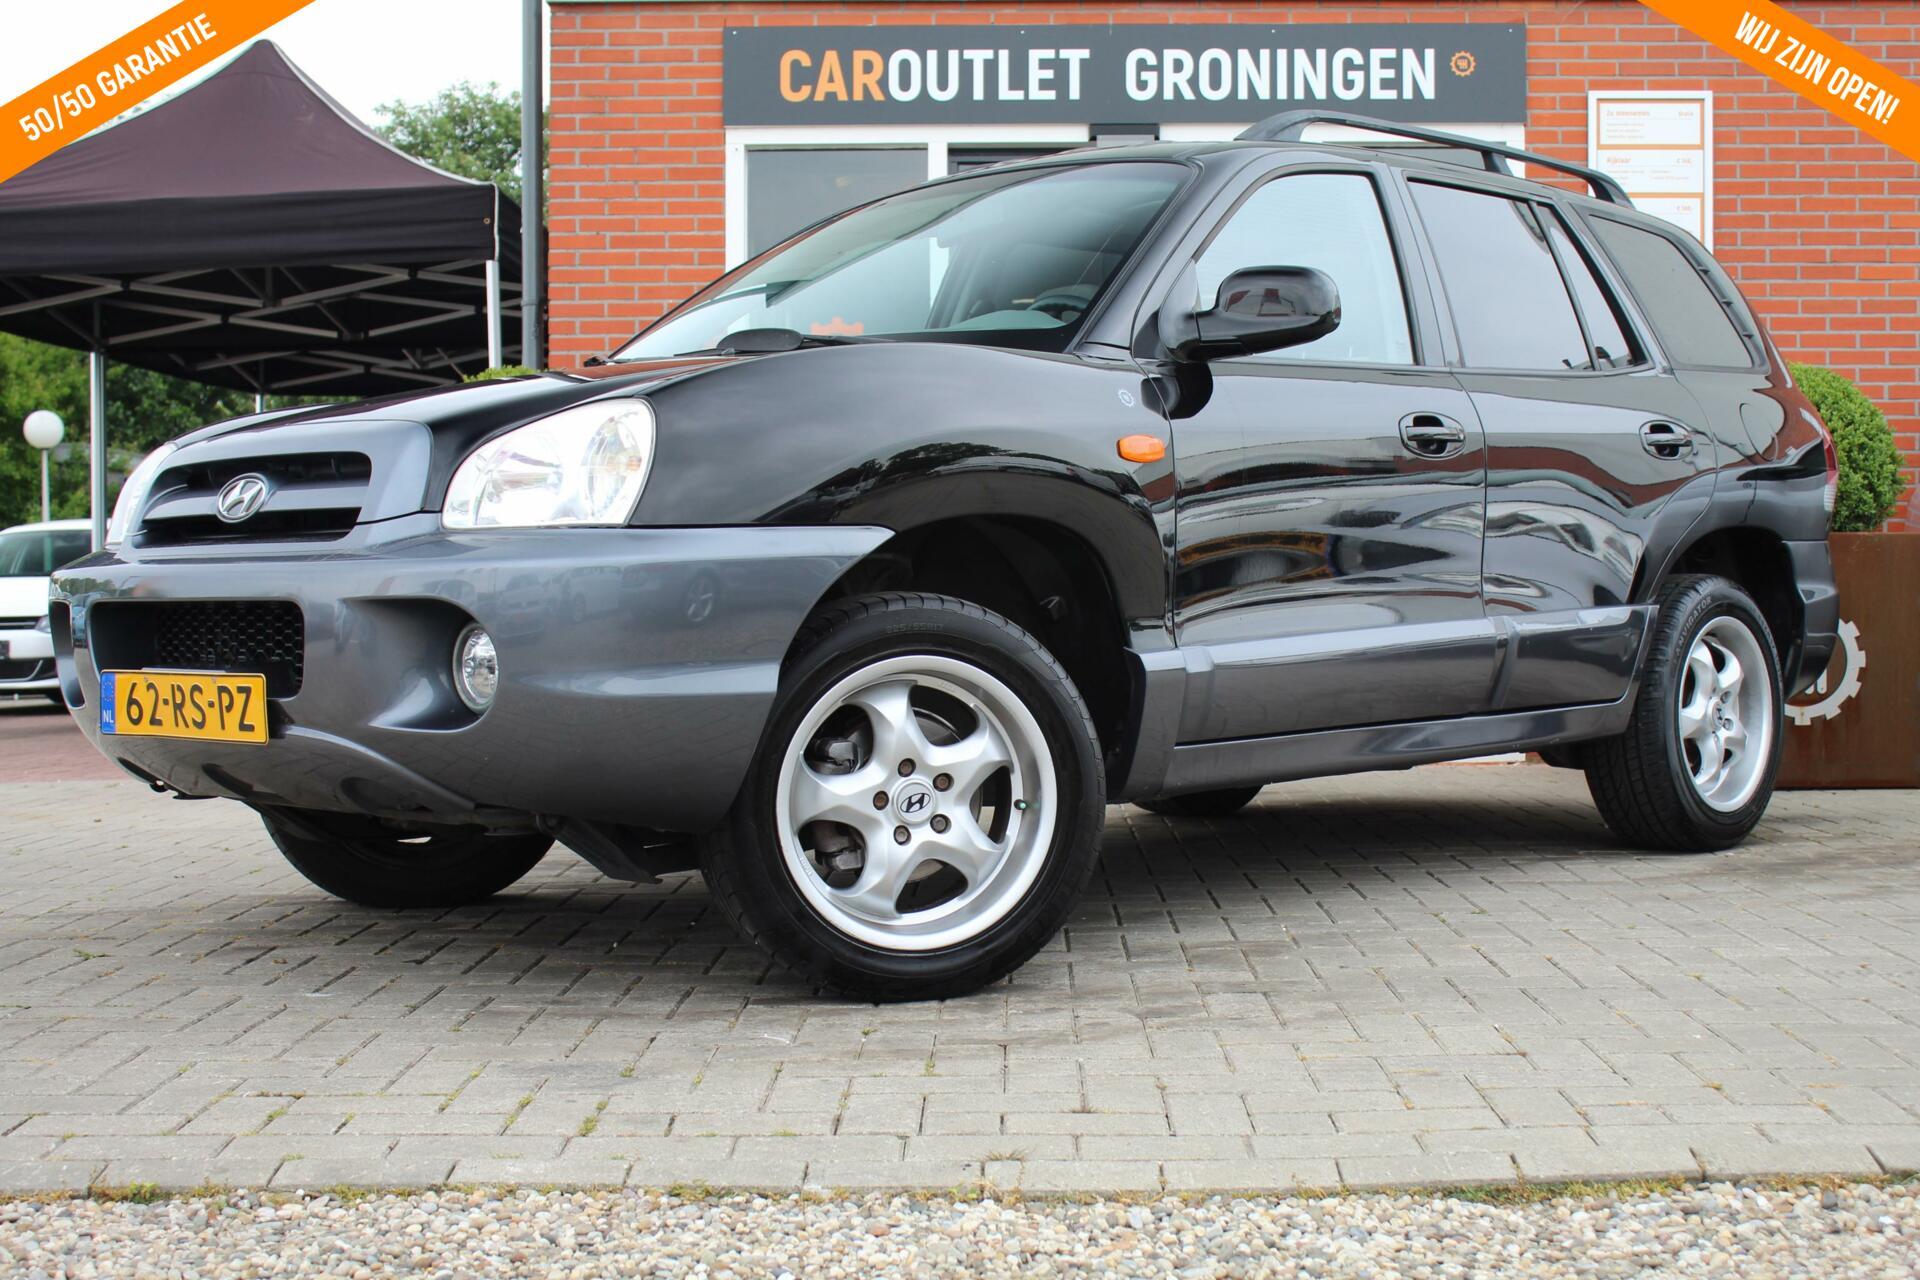 Caroutlet Groningen - Hyundai Santa Fe 2.0i-16V Dynamic | CLIMA | TREKHAAK | CRUISE